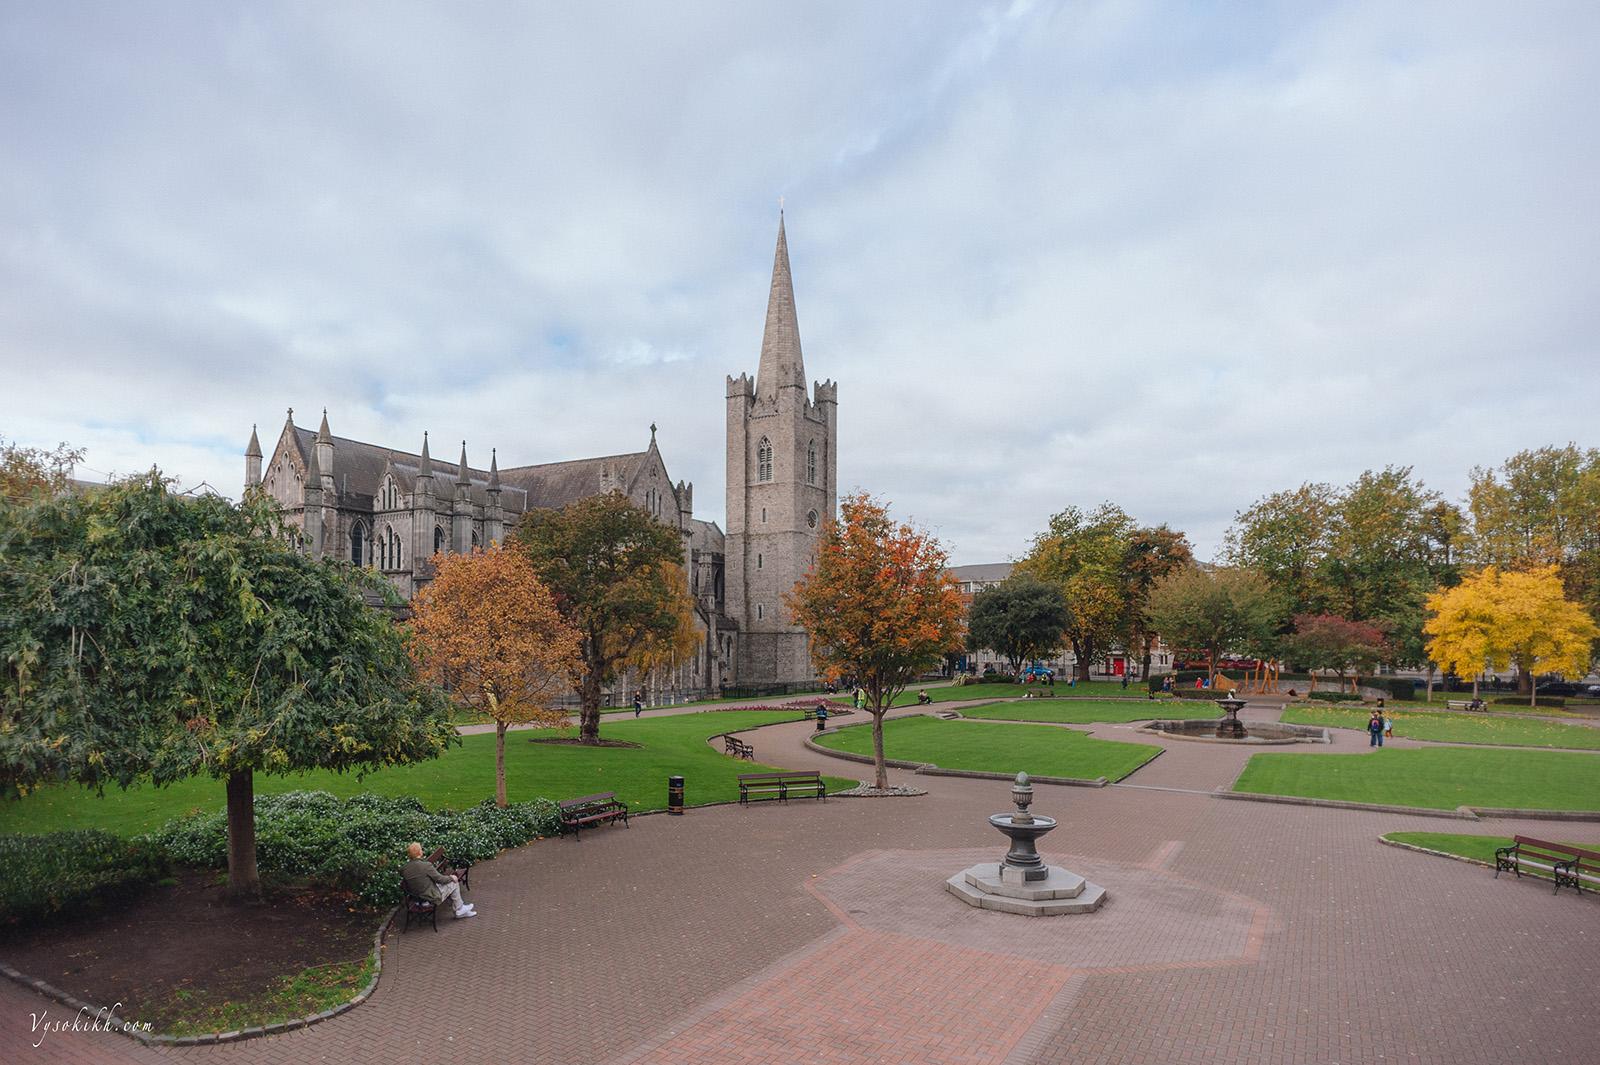 Saint Patrick's Cathedral (Árd Eaglais Naomh Pádraig) - самый большой собор в Ирландии. Стоит на своем месте аж с 1191 года.